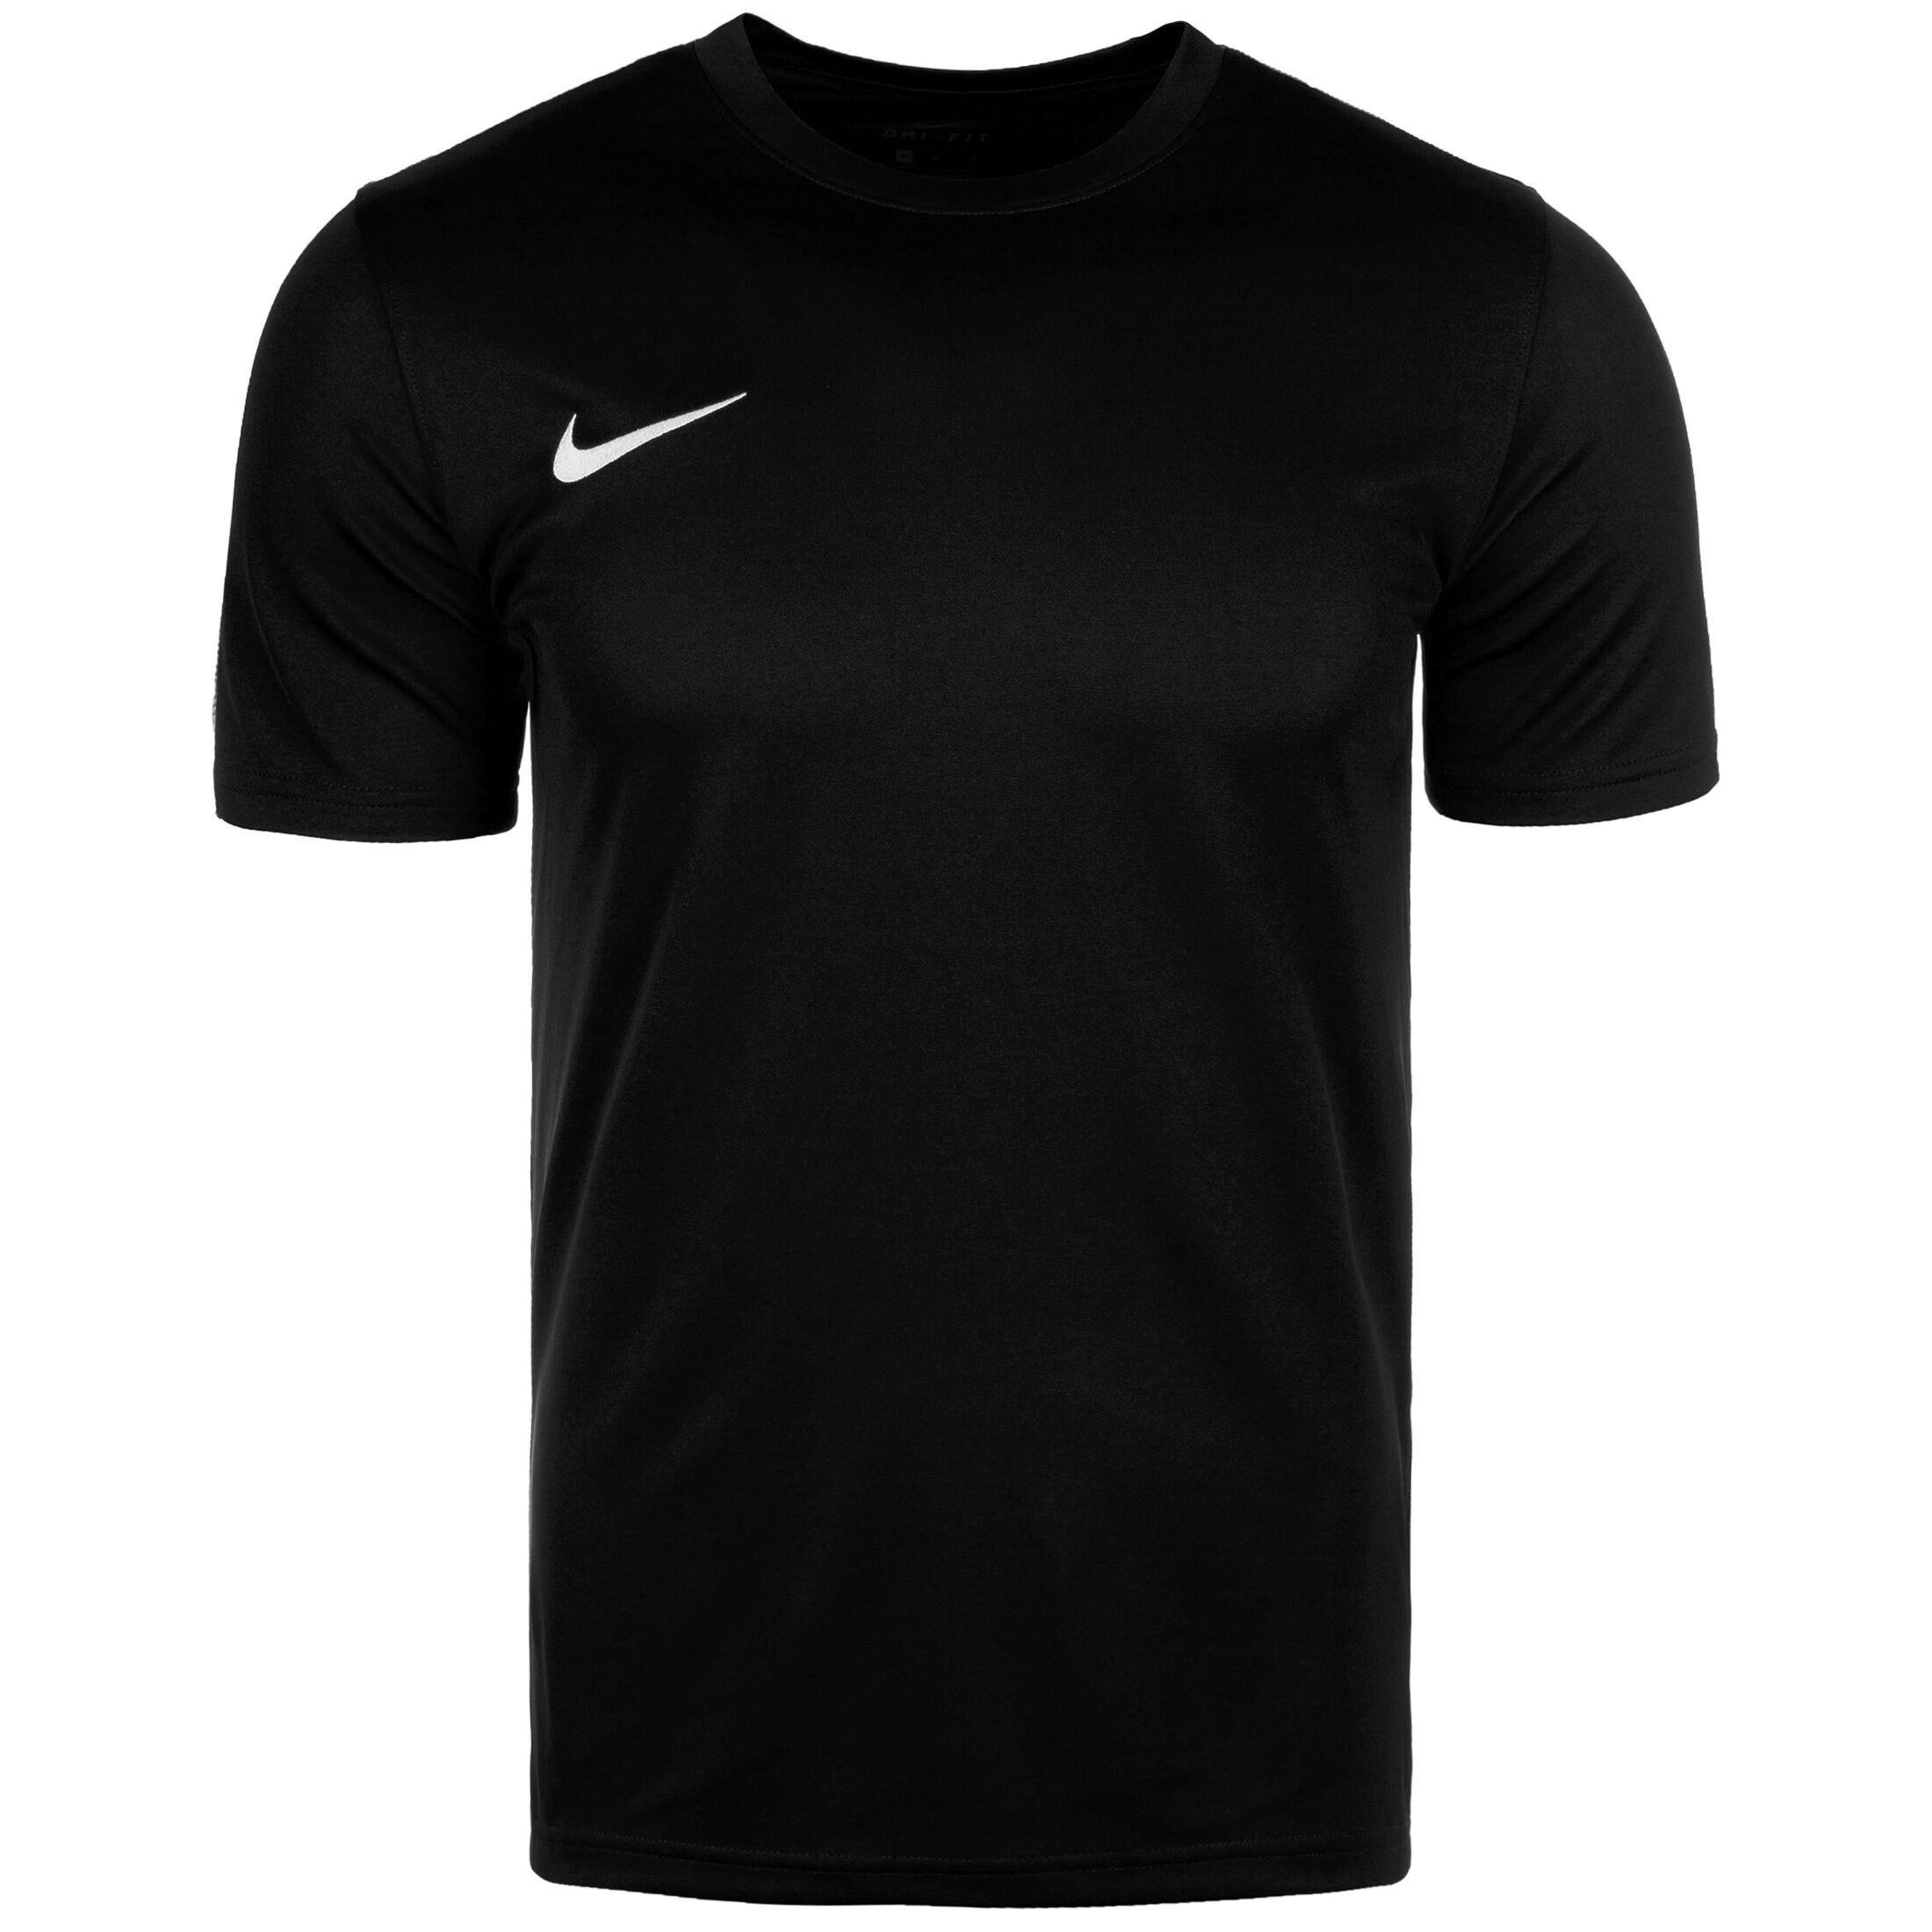 Nike Performance Dry Park 18 Trainingsshirt Herren schwarz